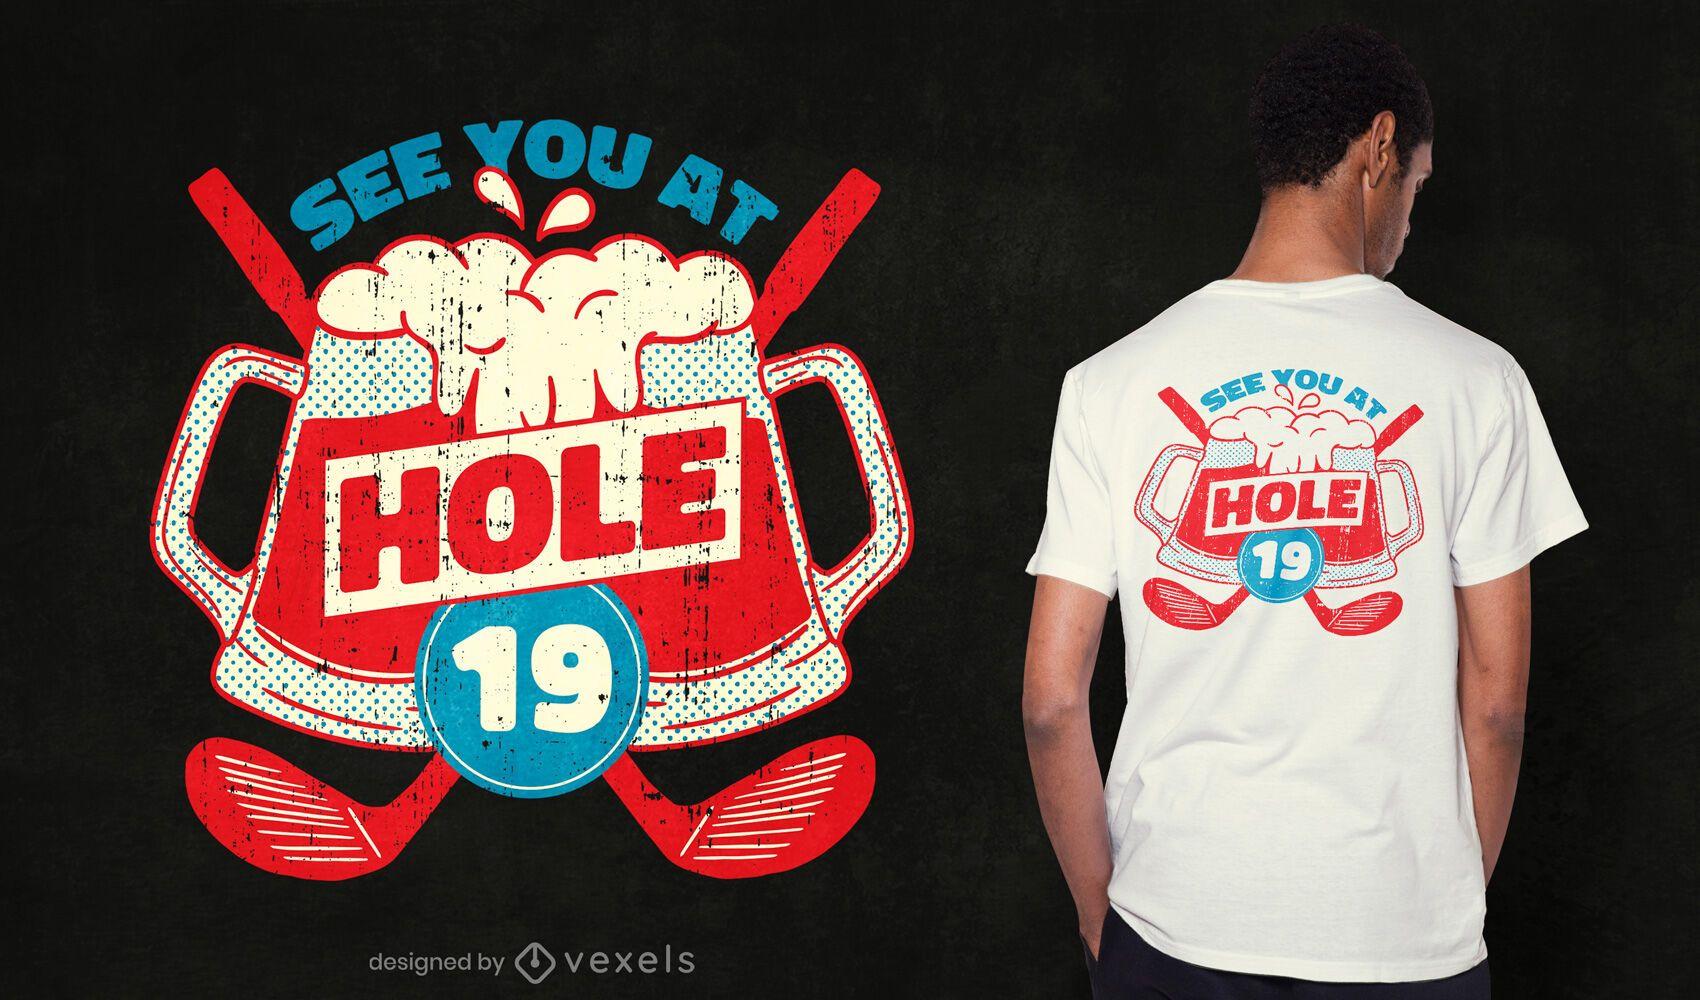 Diseño de camiseta de golf del hoyo 19